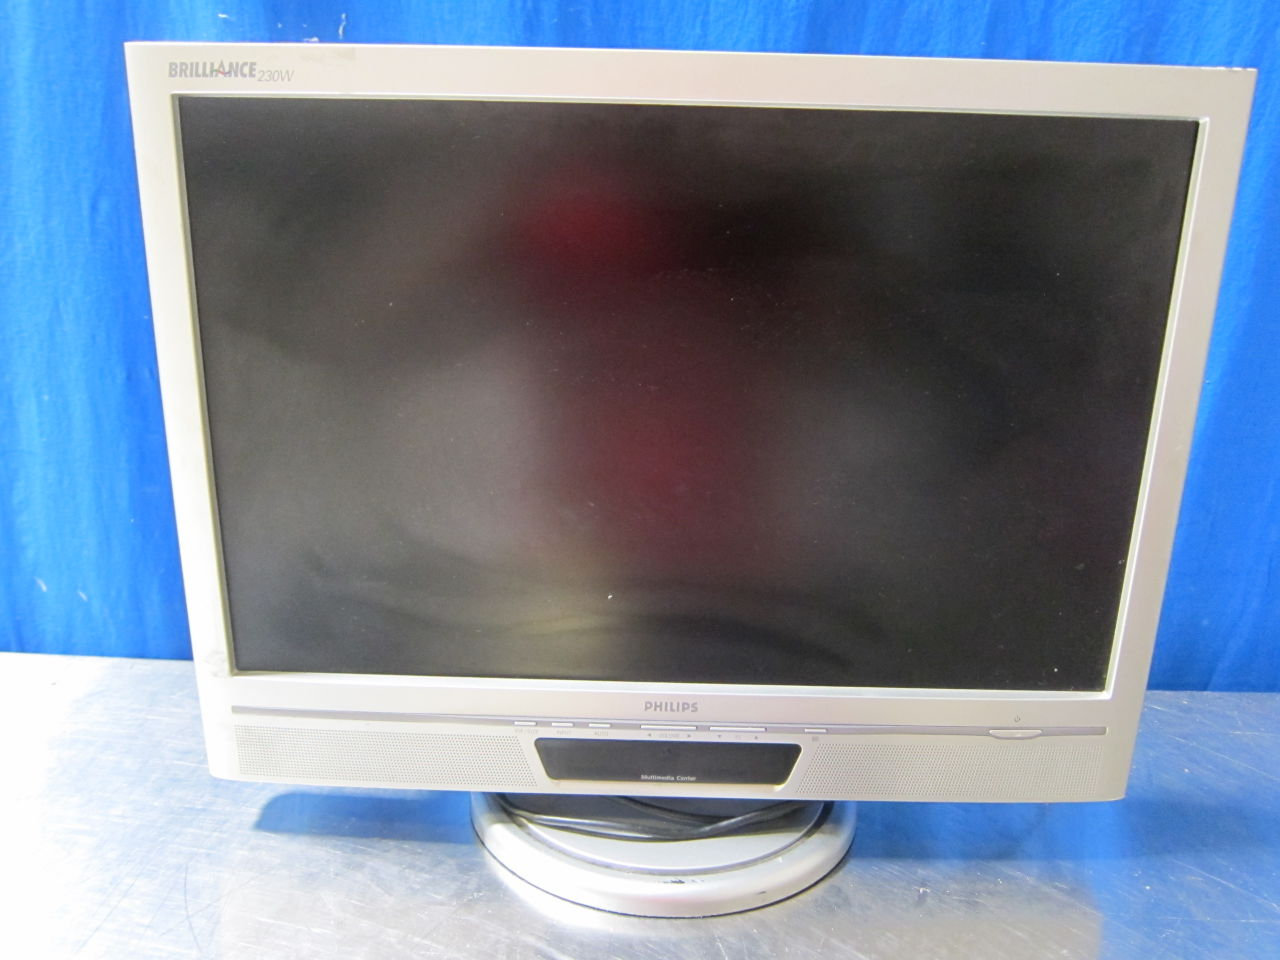 PHILIPS 230W5VS127 Display Monitor